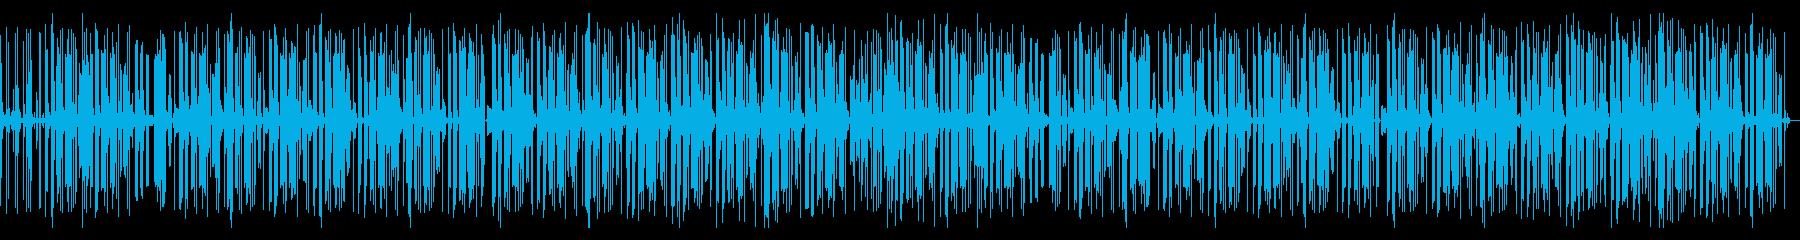 ポッドキャスト ローファイなヒップホップの再生済みの波形